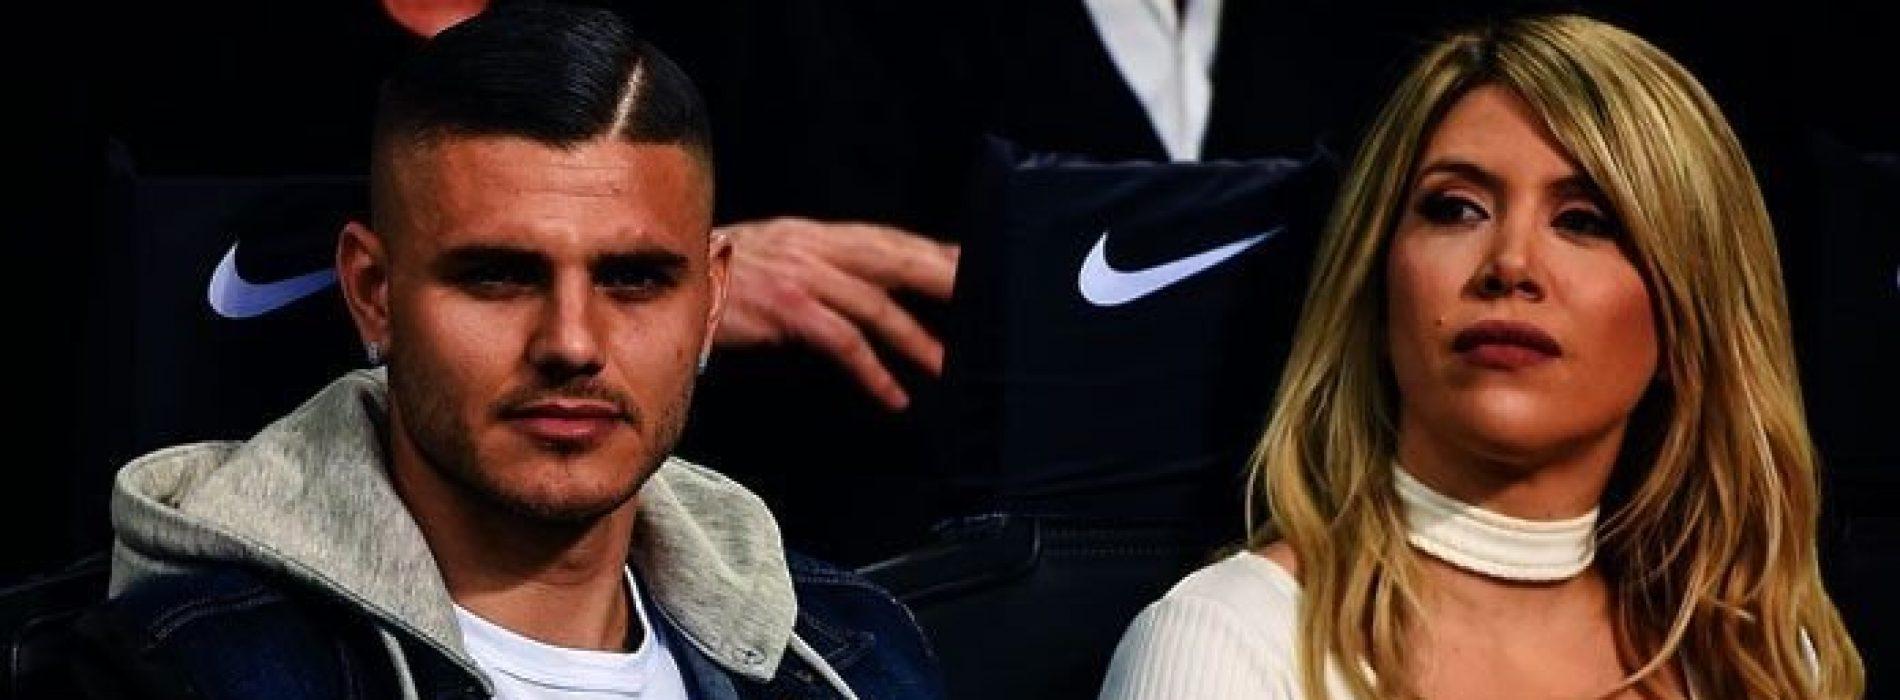 """Icardi, Wanda Nara e le sue verità: """"L'Inter aveva necessità di cederlo…"""""""